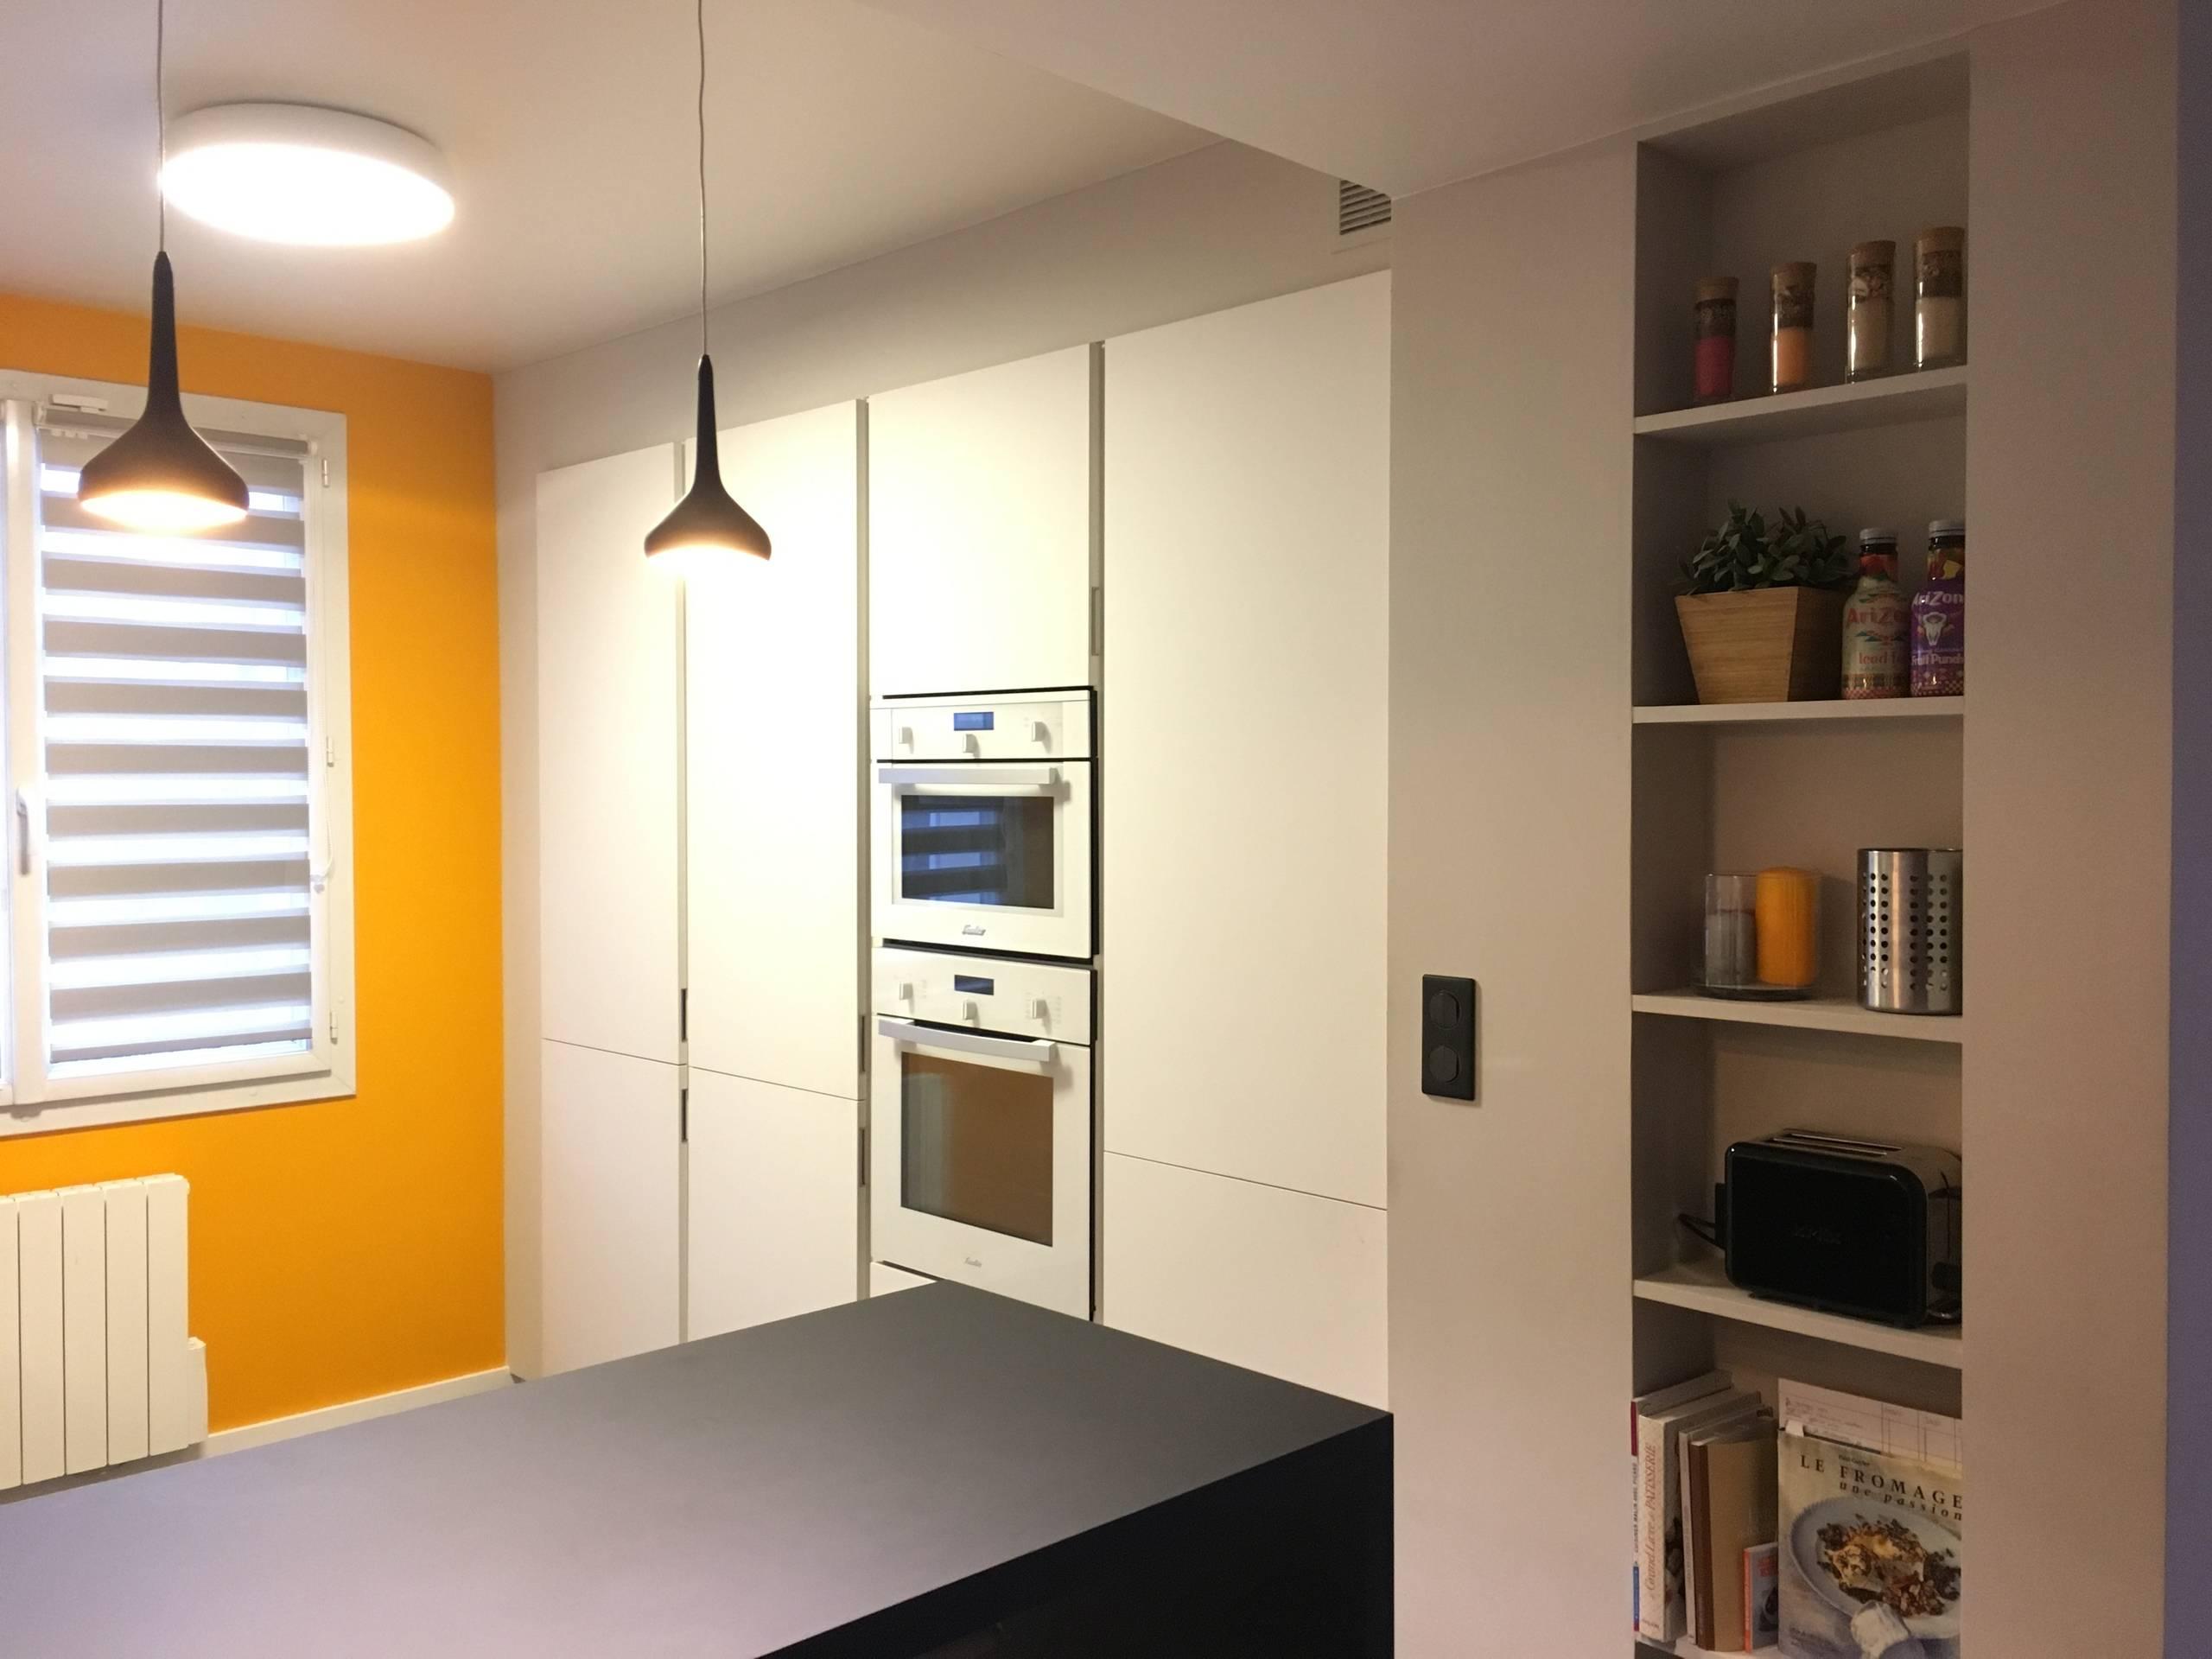 Rénovation d'une cuisine à Soisy-sous-Montmorency